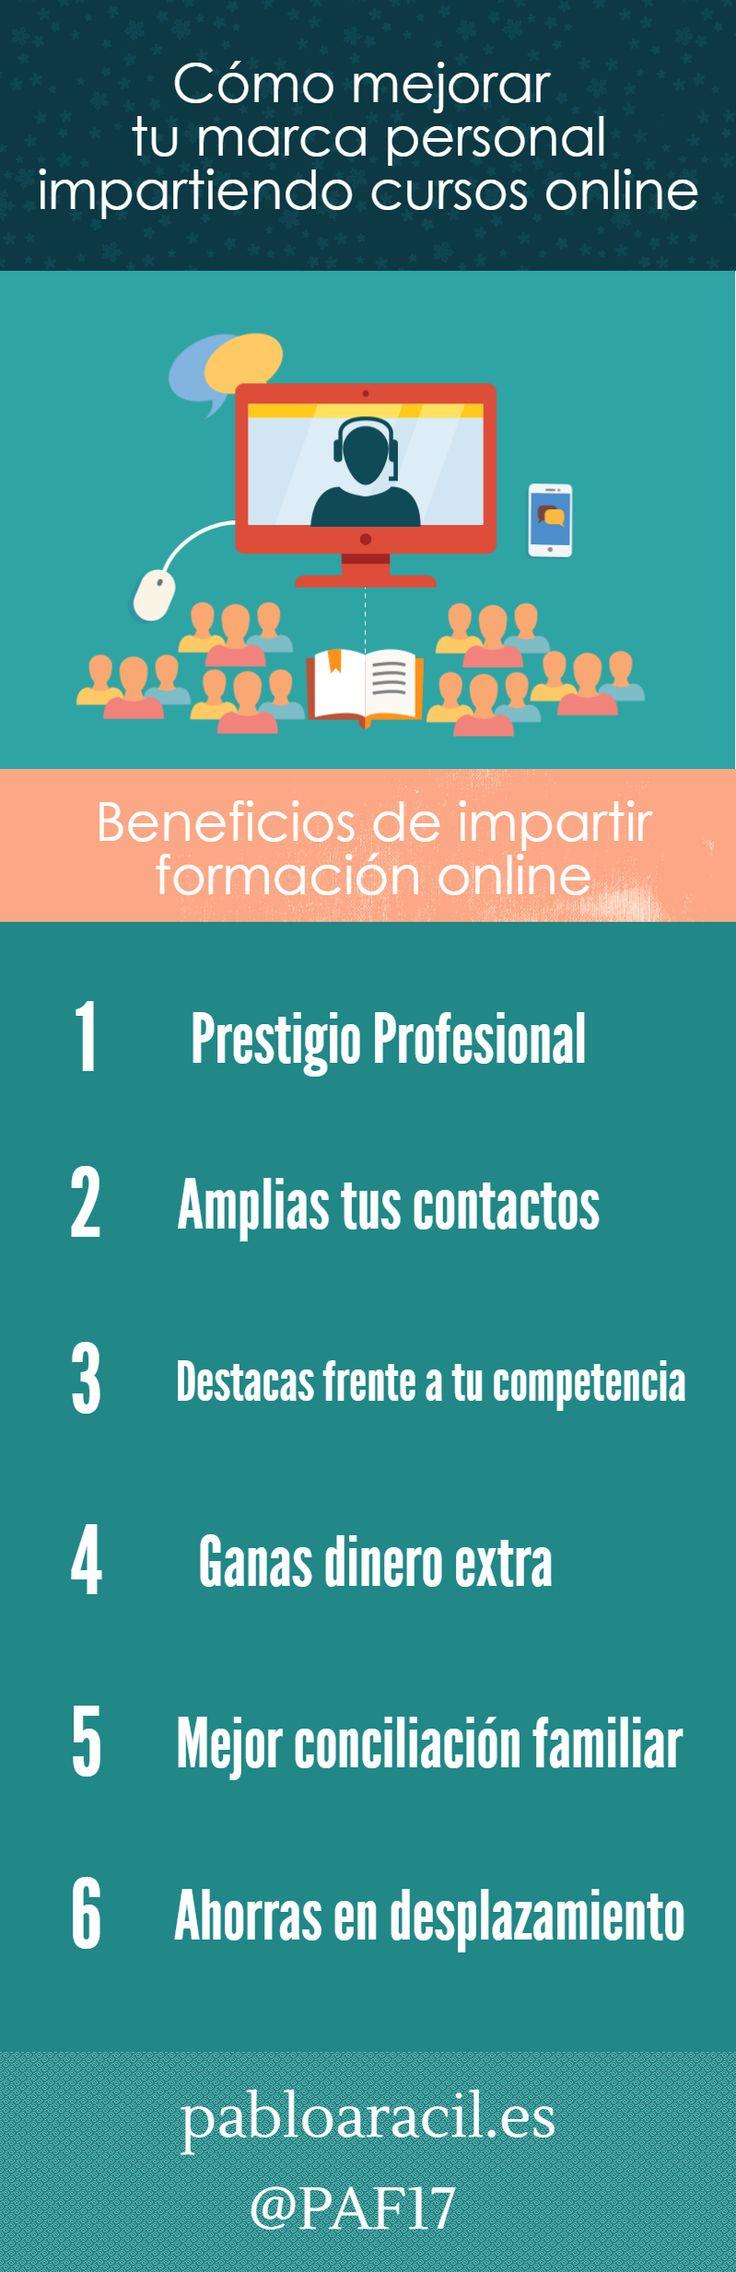 Cómo mejorar tu marca personal impartiendo cursos online  #MarcaPersonal #Marketing #Educacion